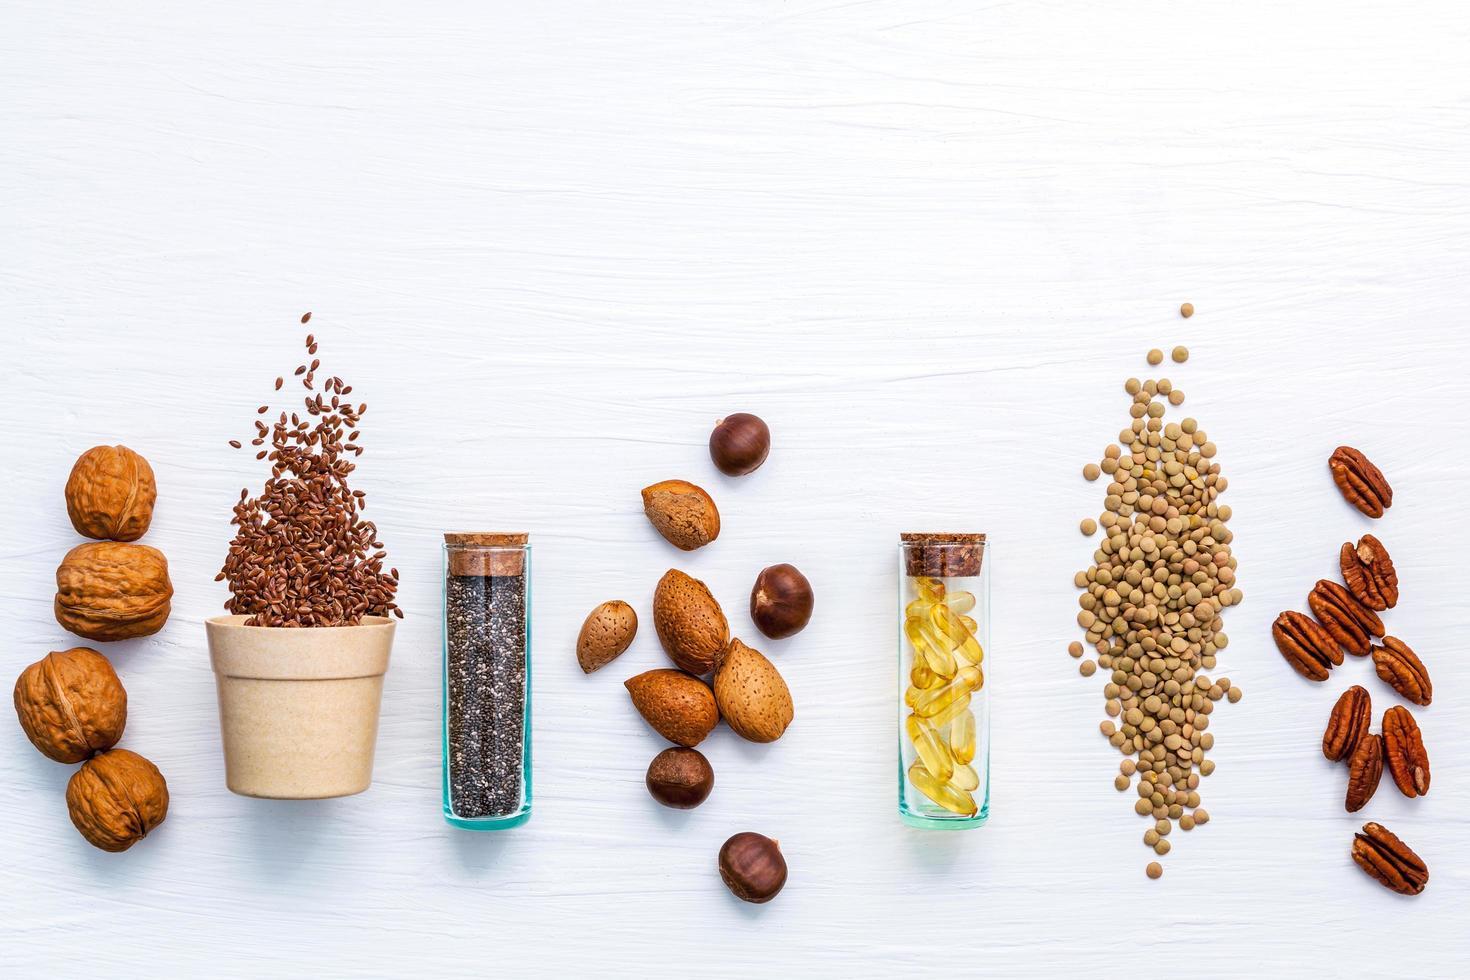 gezonde zaden en noten op wit foto